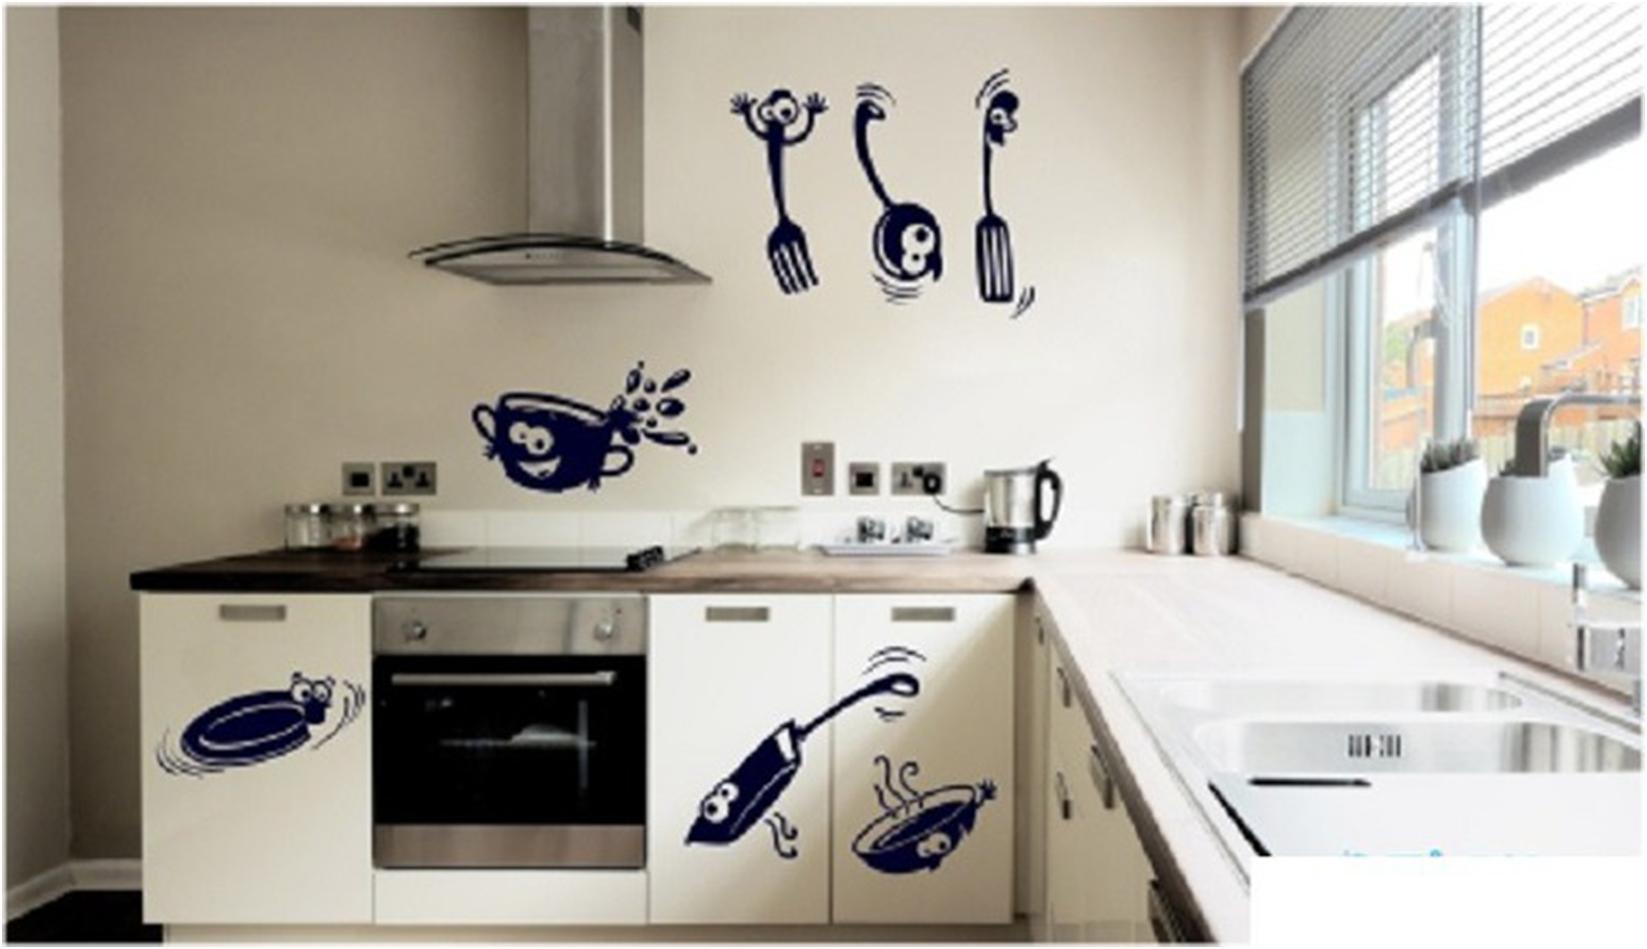 Рисунки на стенах своими руками: 3 мастер-класса, 7 идей, 100 12